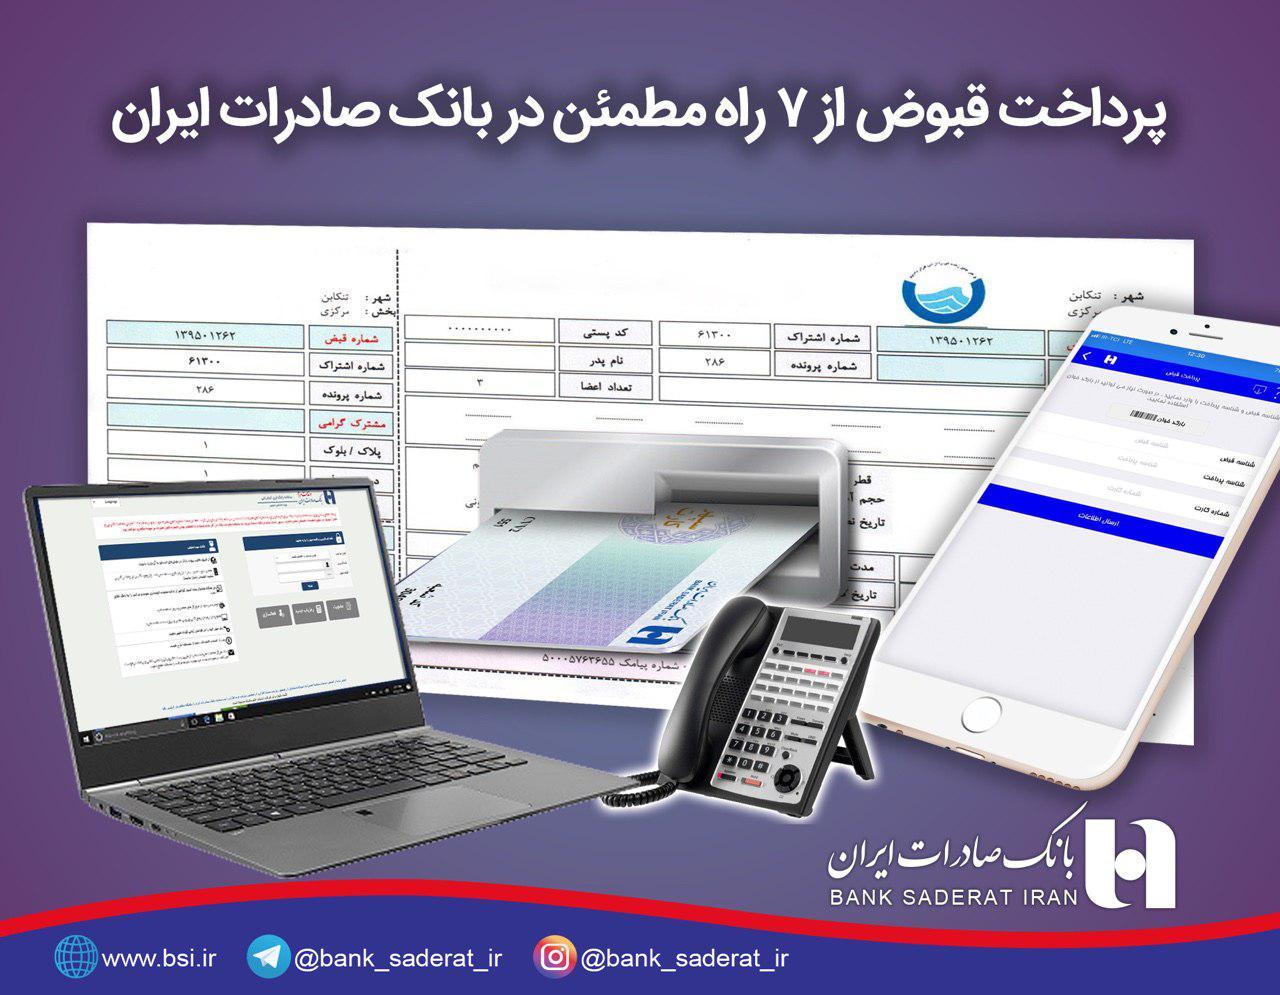 پرداخت قبوض از 7 راه مختلف در بانک صادرات